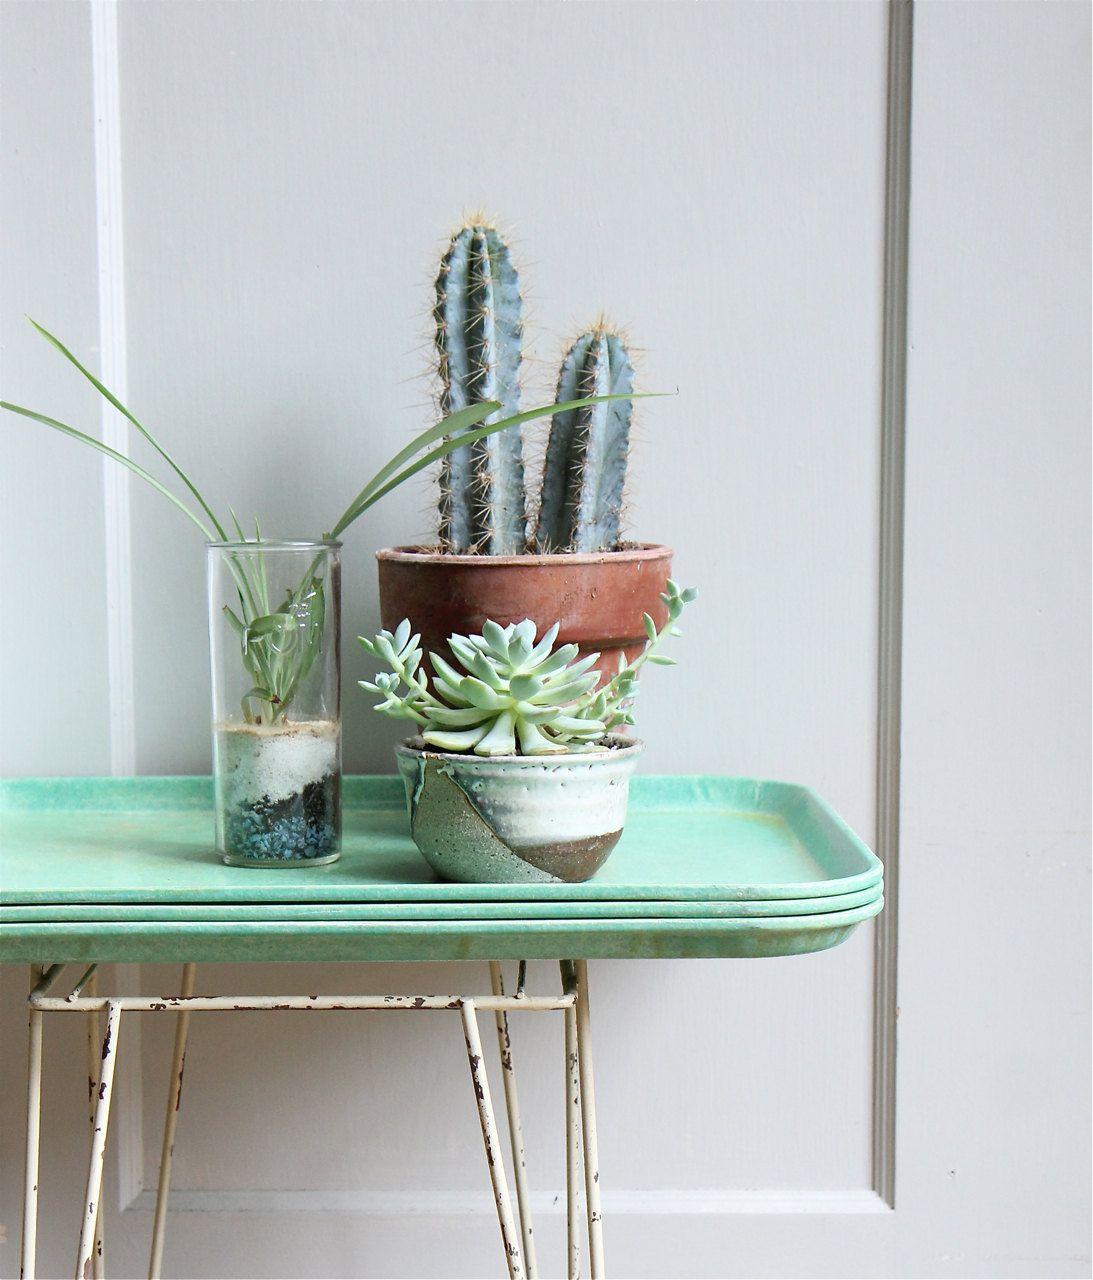 Plateaux - table - guéridon - vintage - mint - cactus - deco